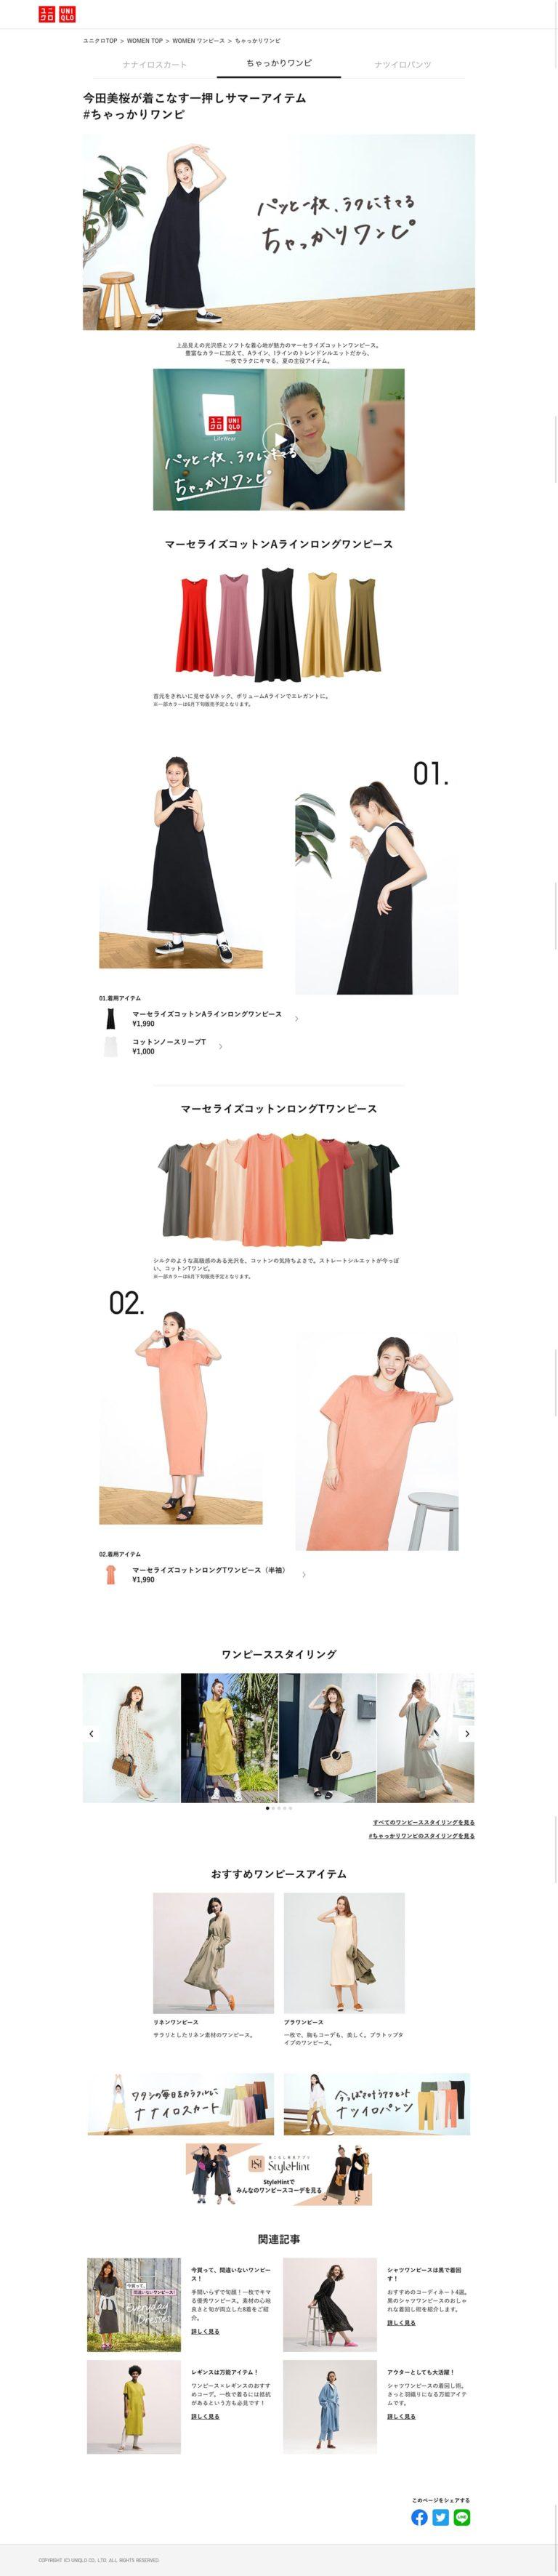 ユニクロ|今田美桜が着る一押しサマーアイテム